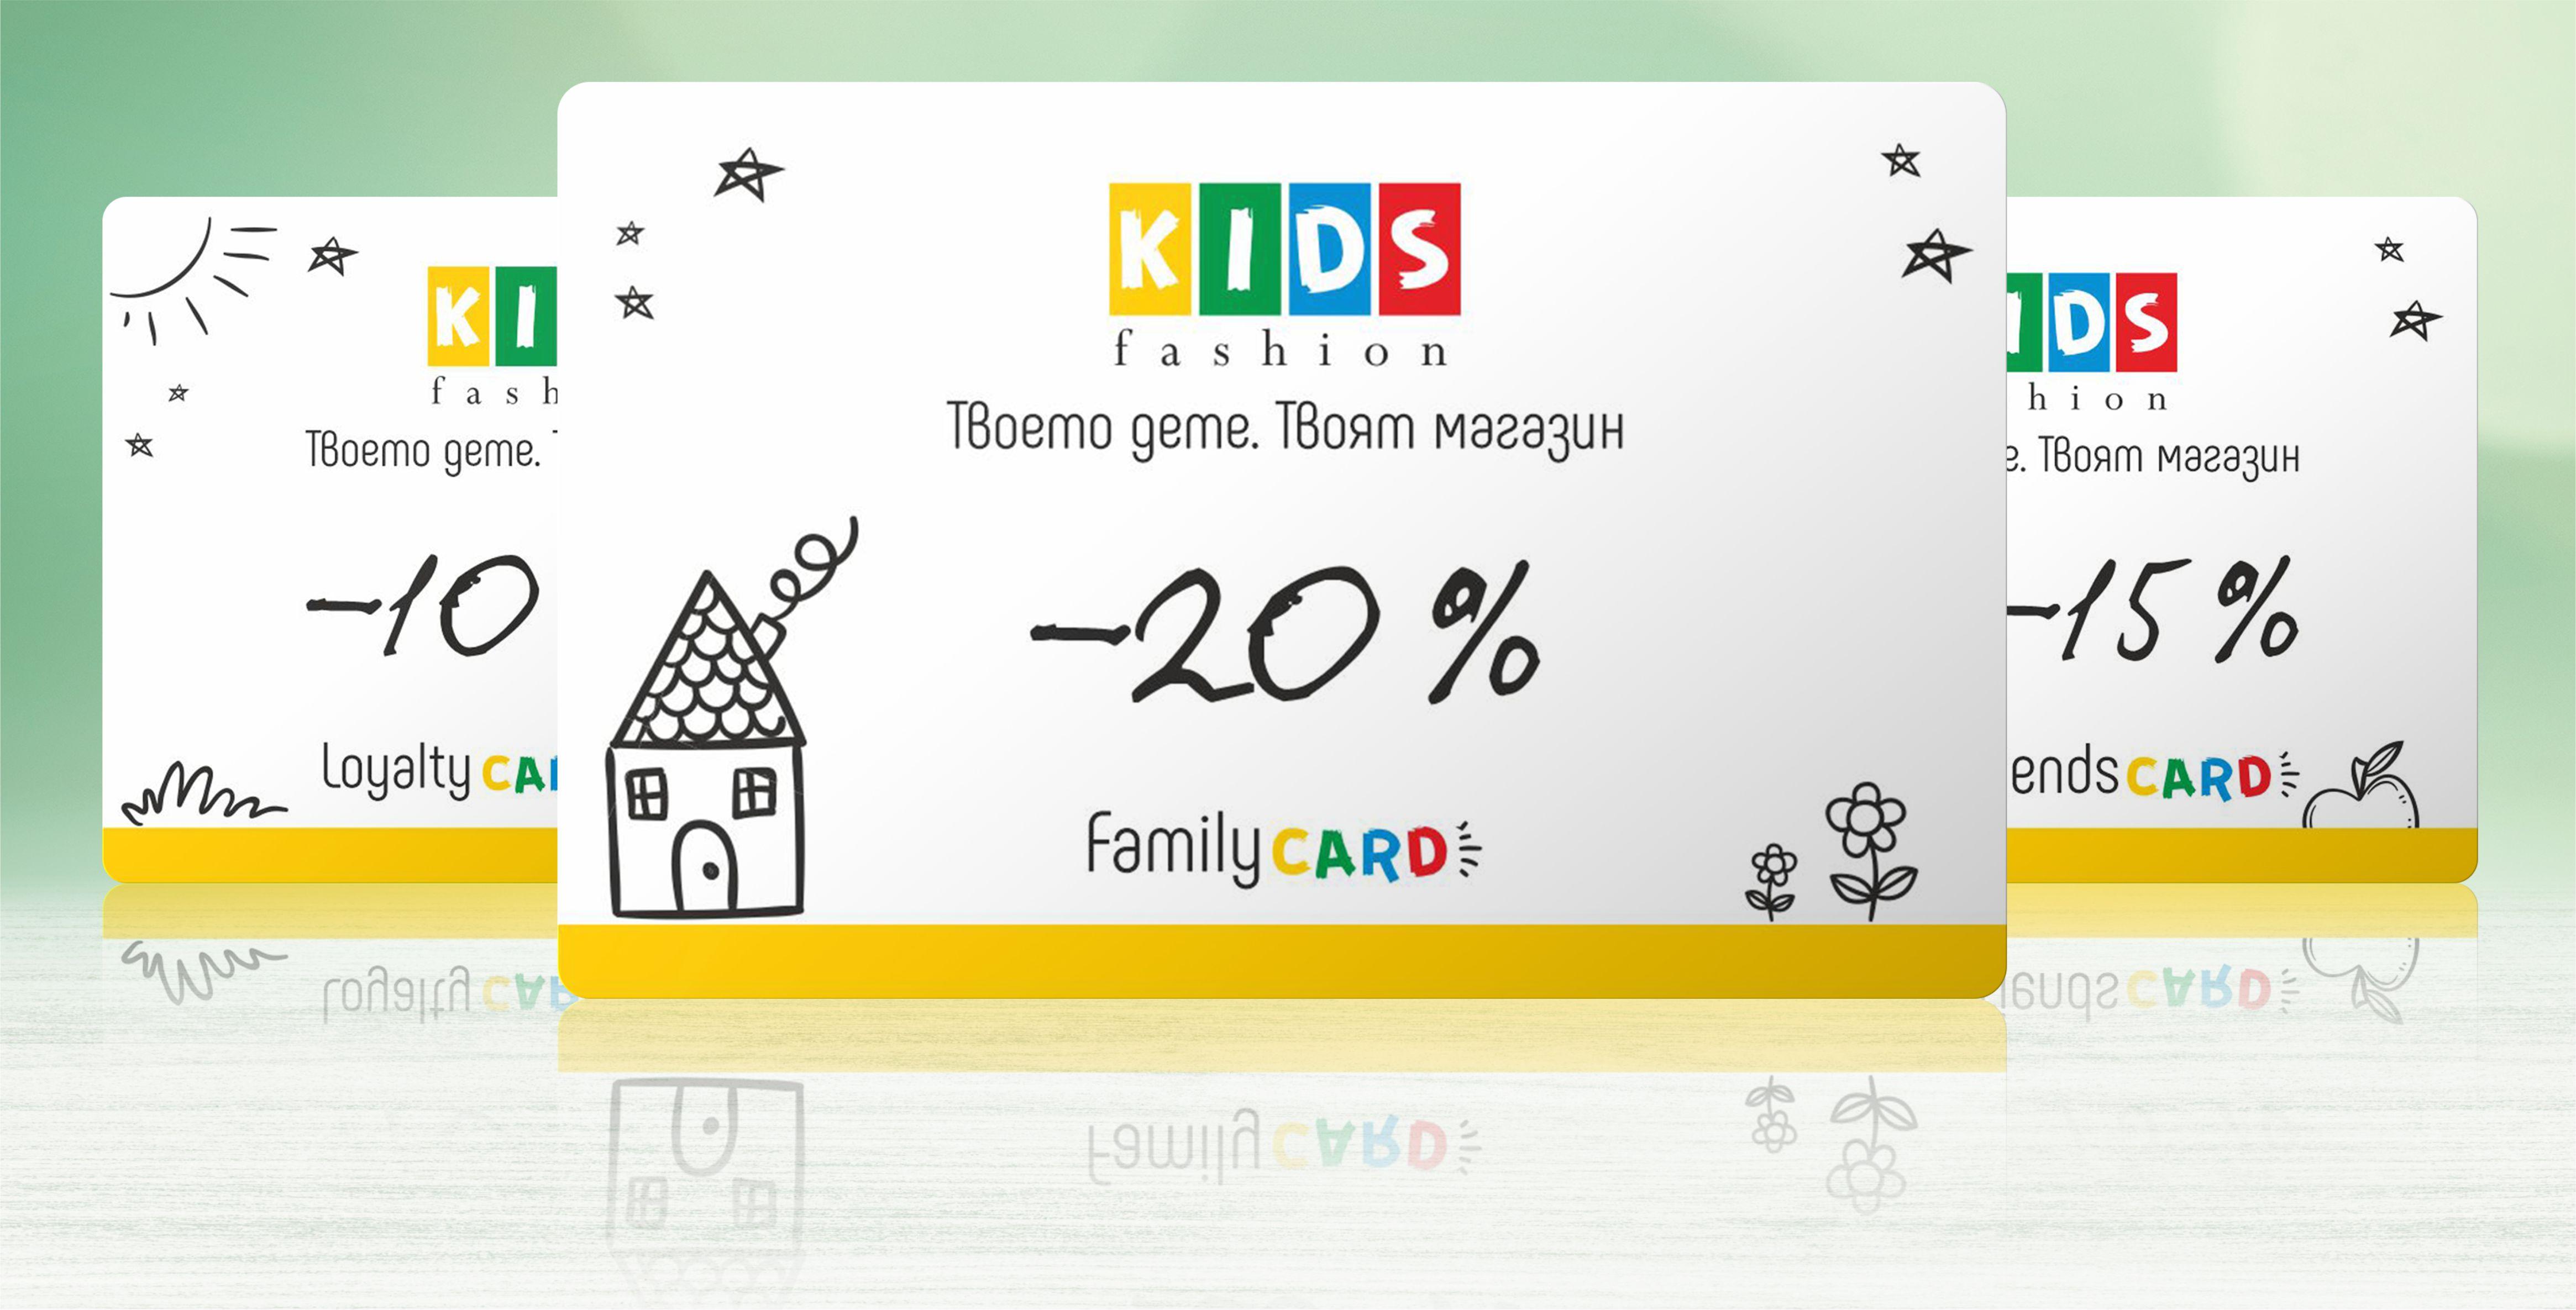 Клубна карта kidsfashion.bg